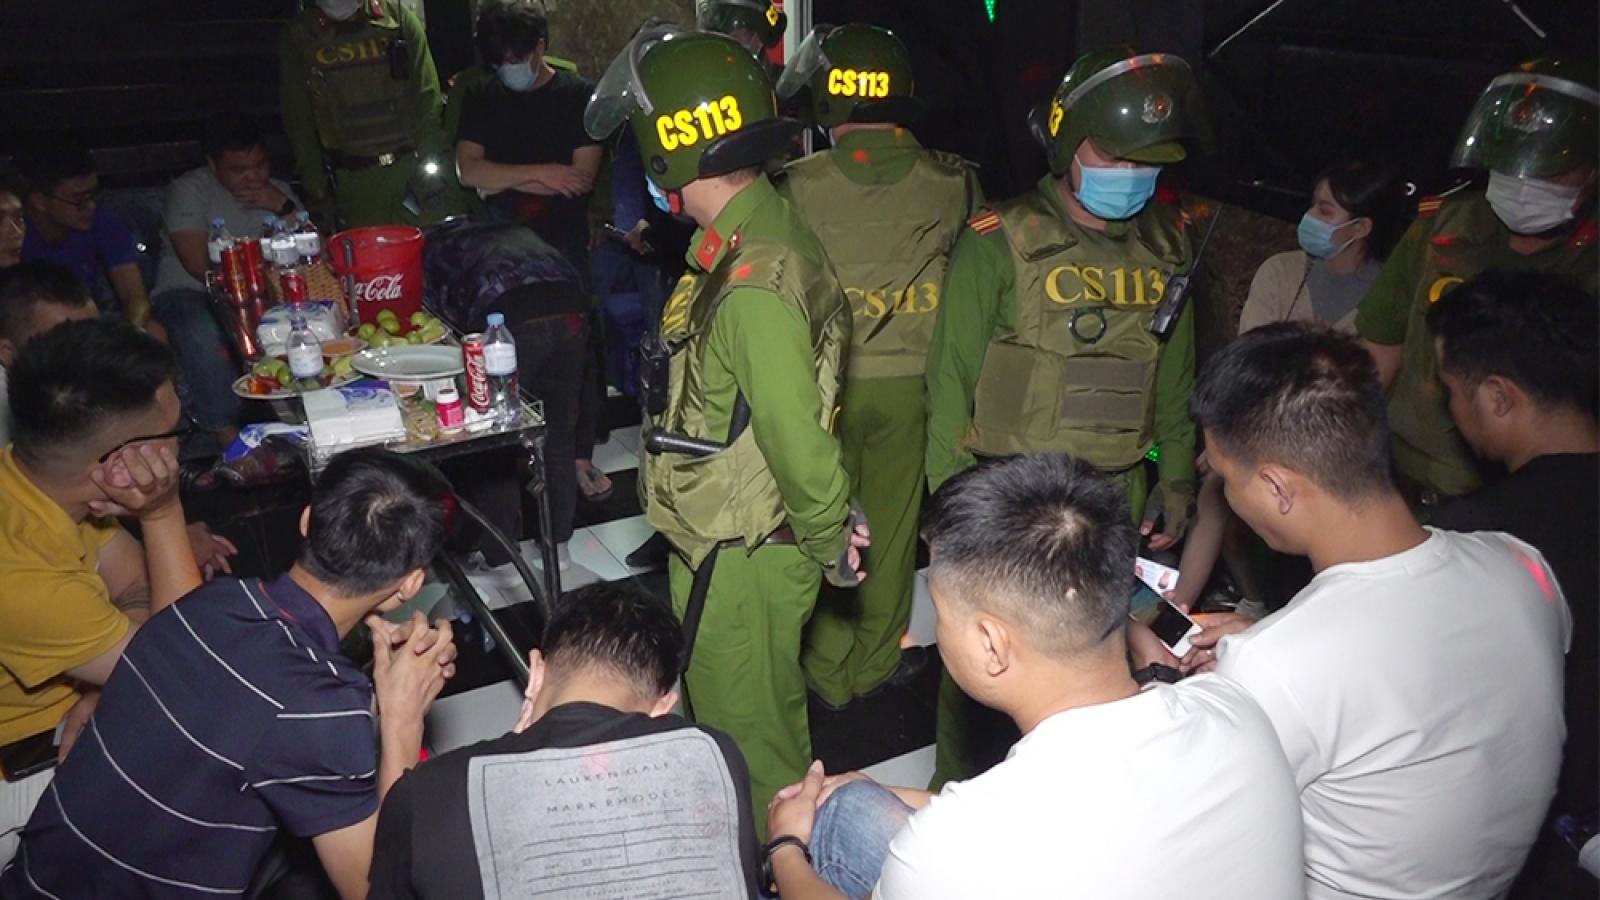 14 nam, nữ trong quán karaoke dương tính với ma túy